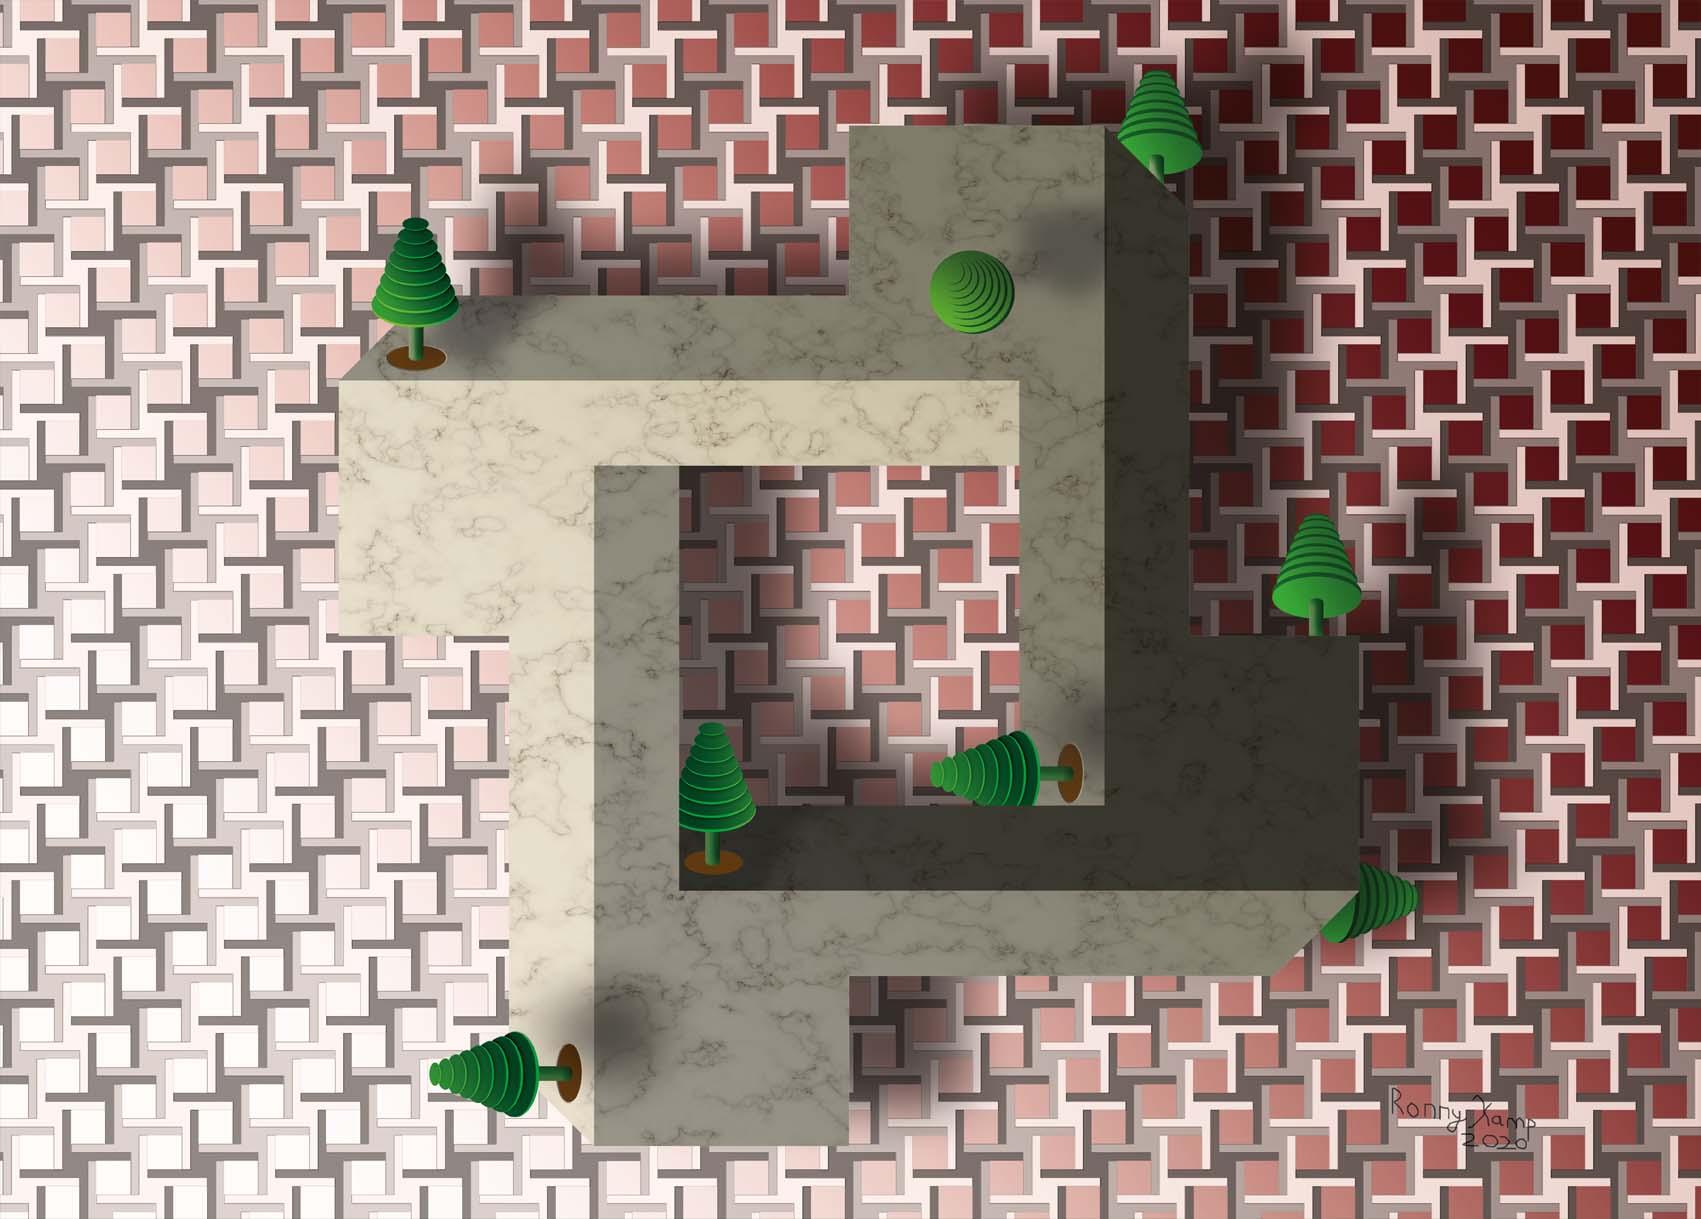 Open vierkant met blokken in de hoeken. Speelgoed bomen versieren dit onmogelijk figuur. Esscher zou er trots op zijn.